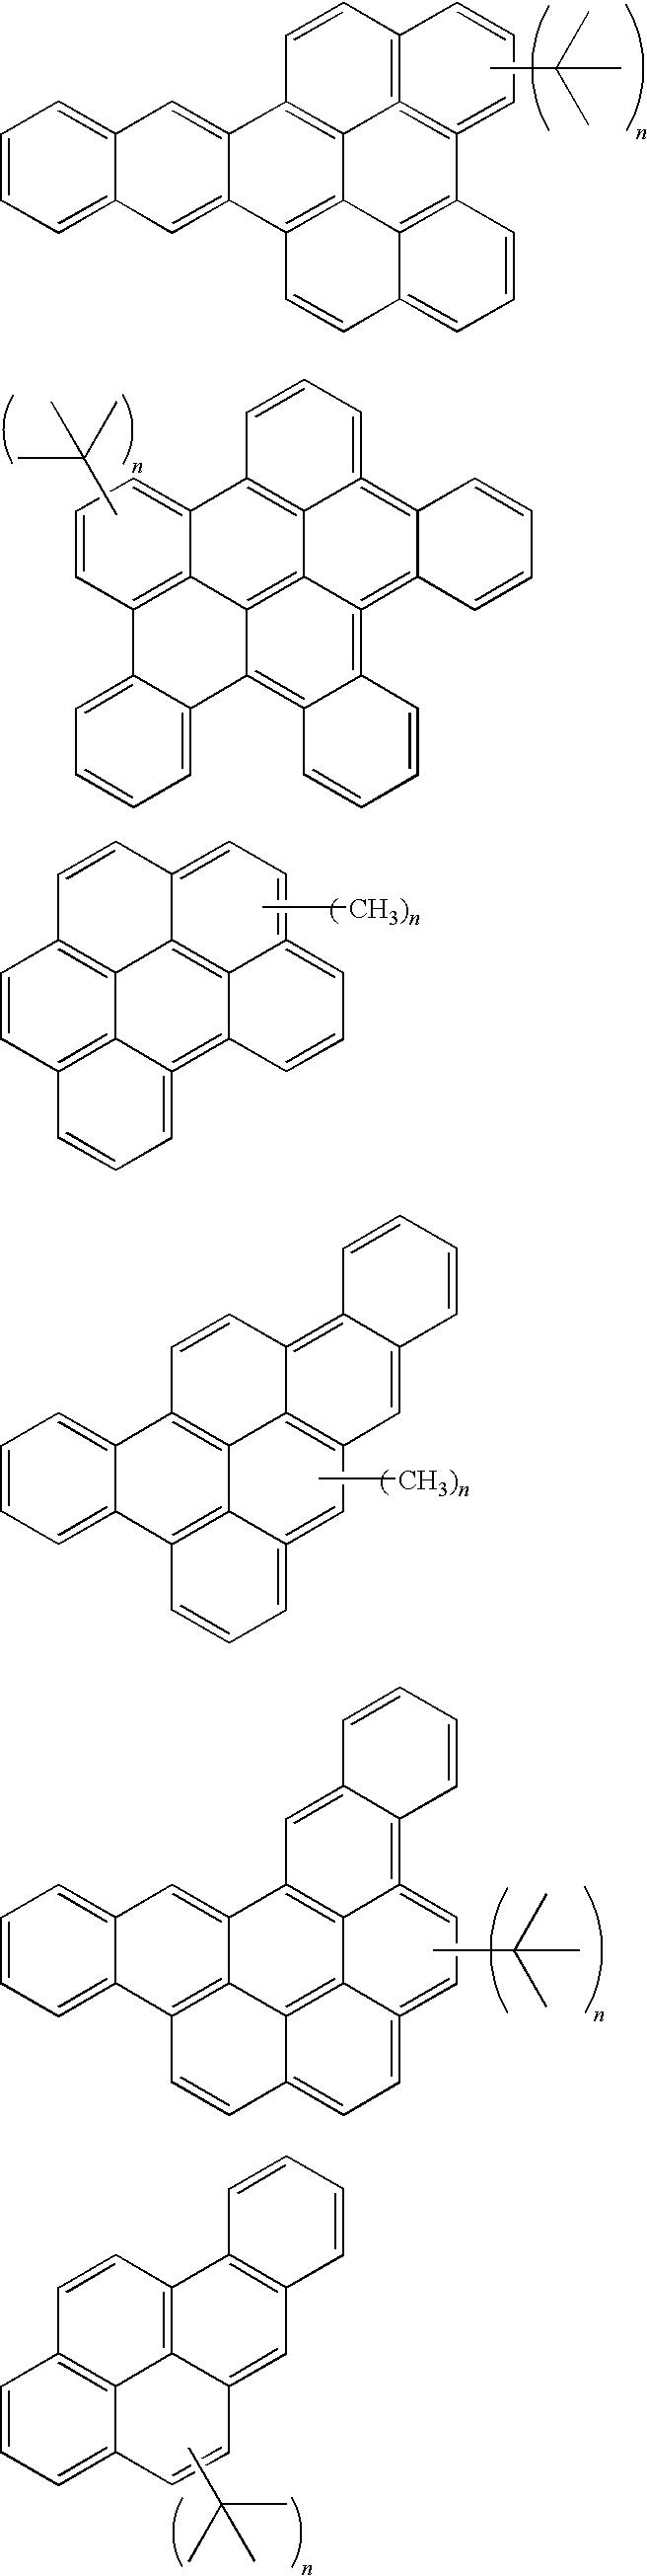 Figure US07528542-20090505-C00028